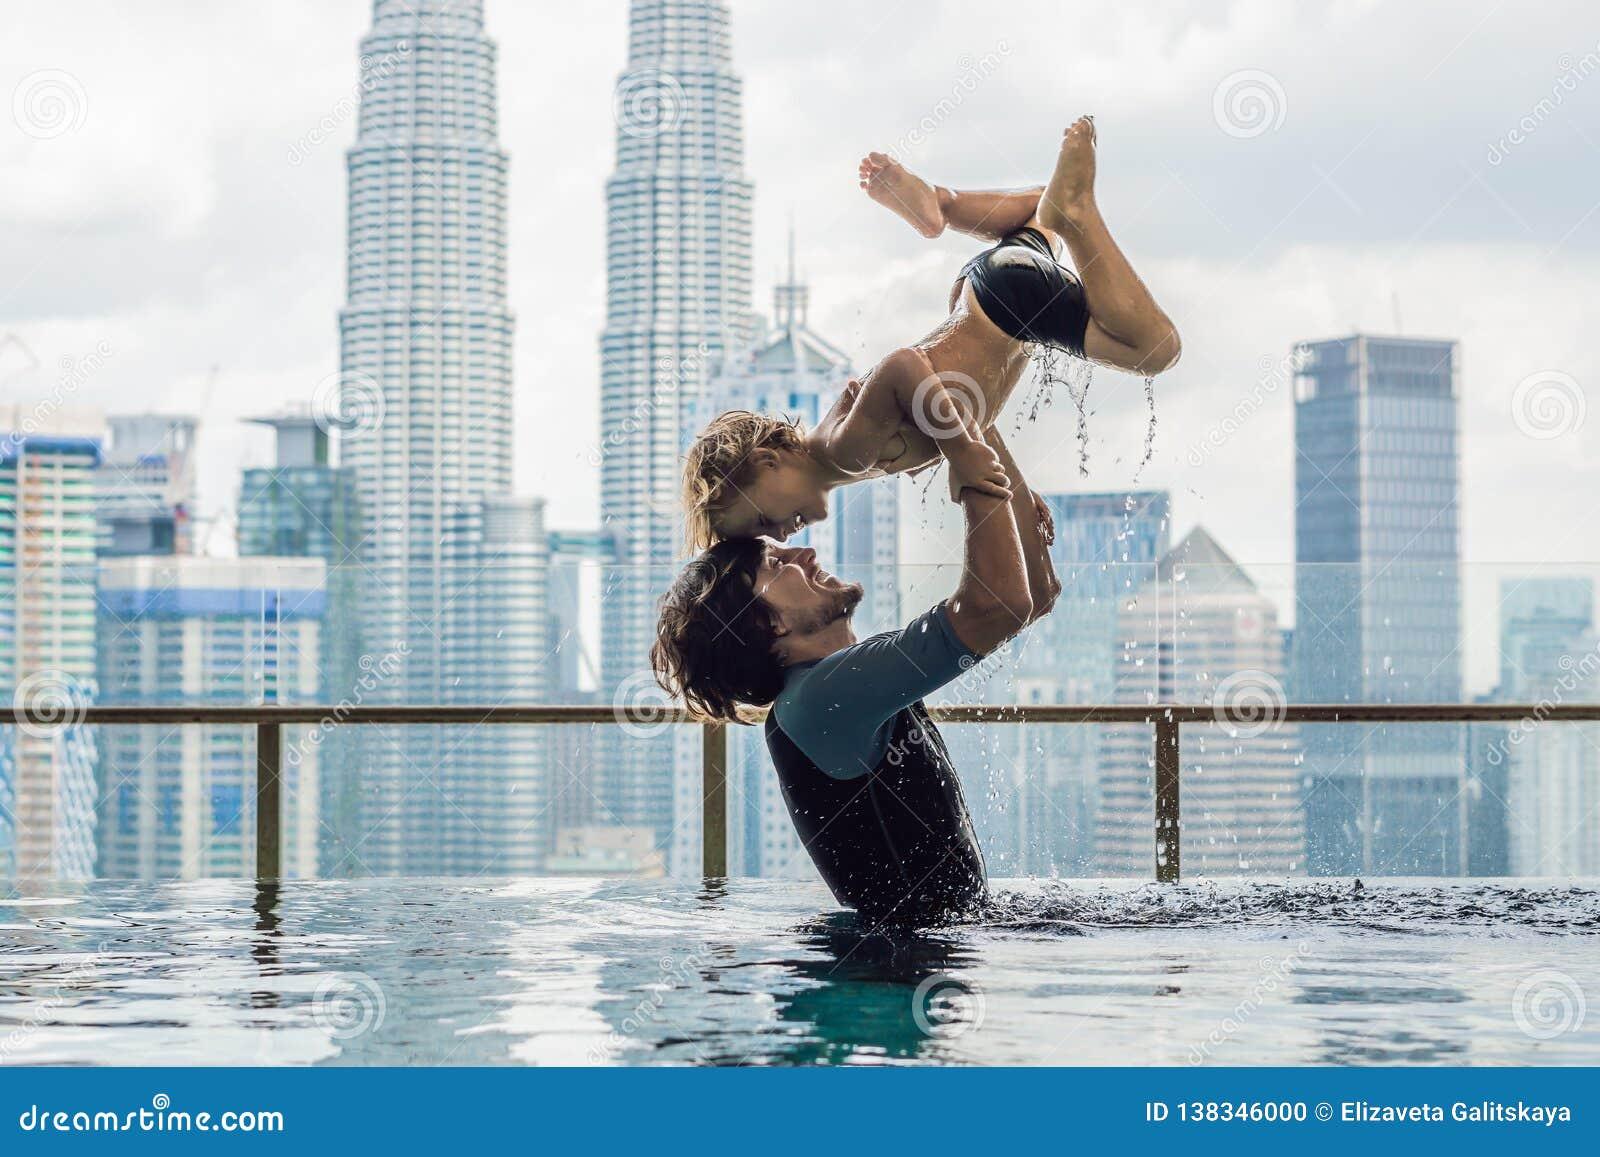 Отец и сын в открытом бассейне с видом на город в голубом небе